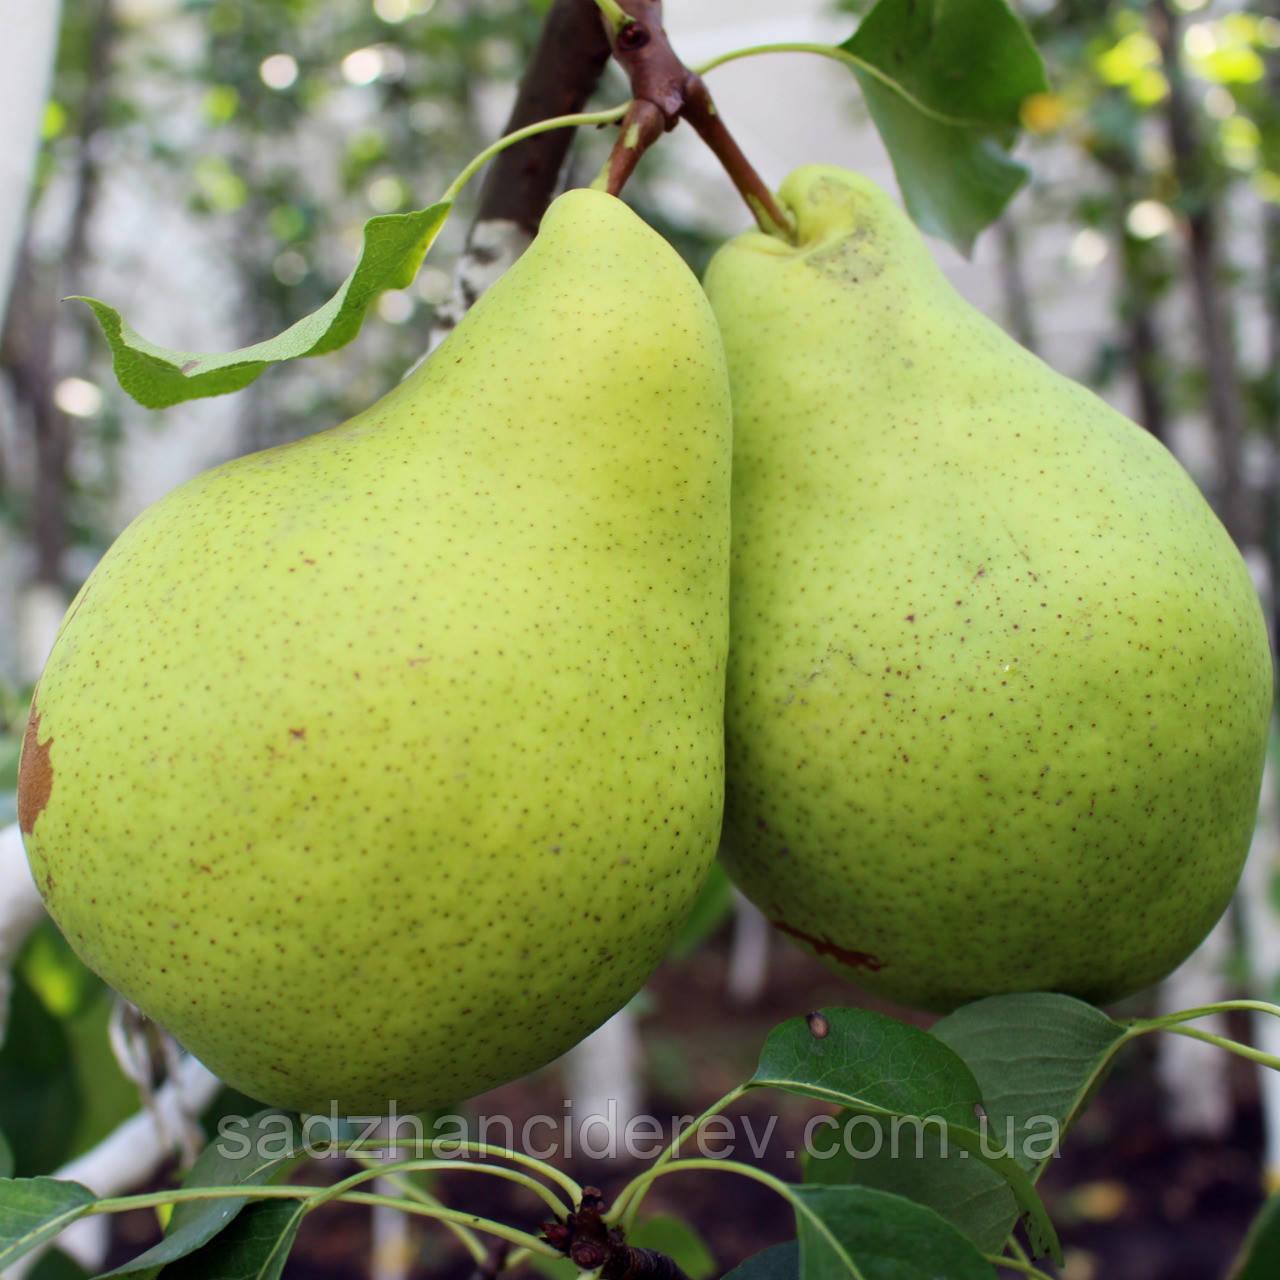 Саджанці груші Малівчанка